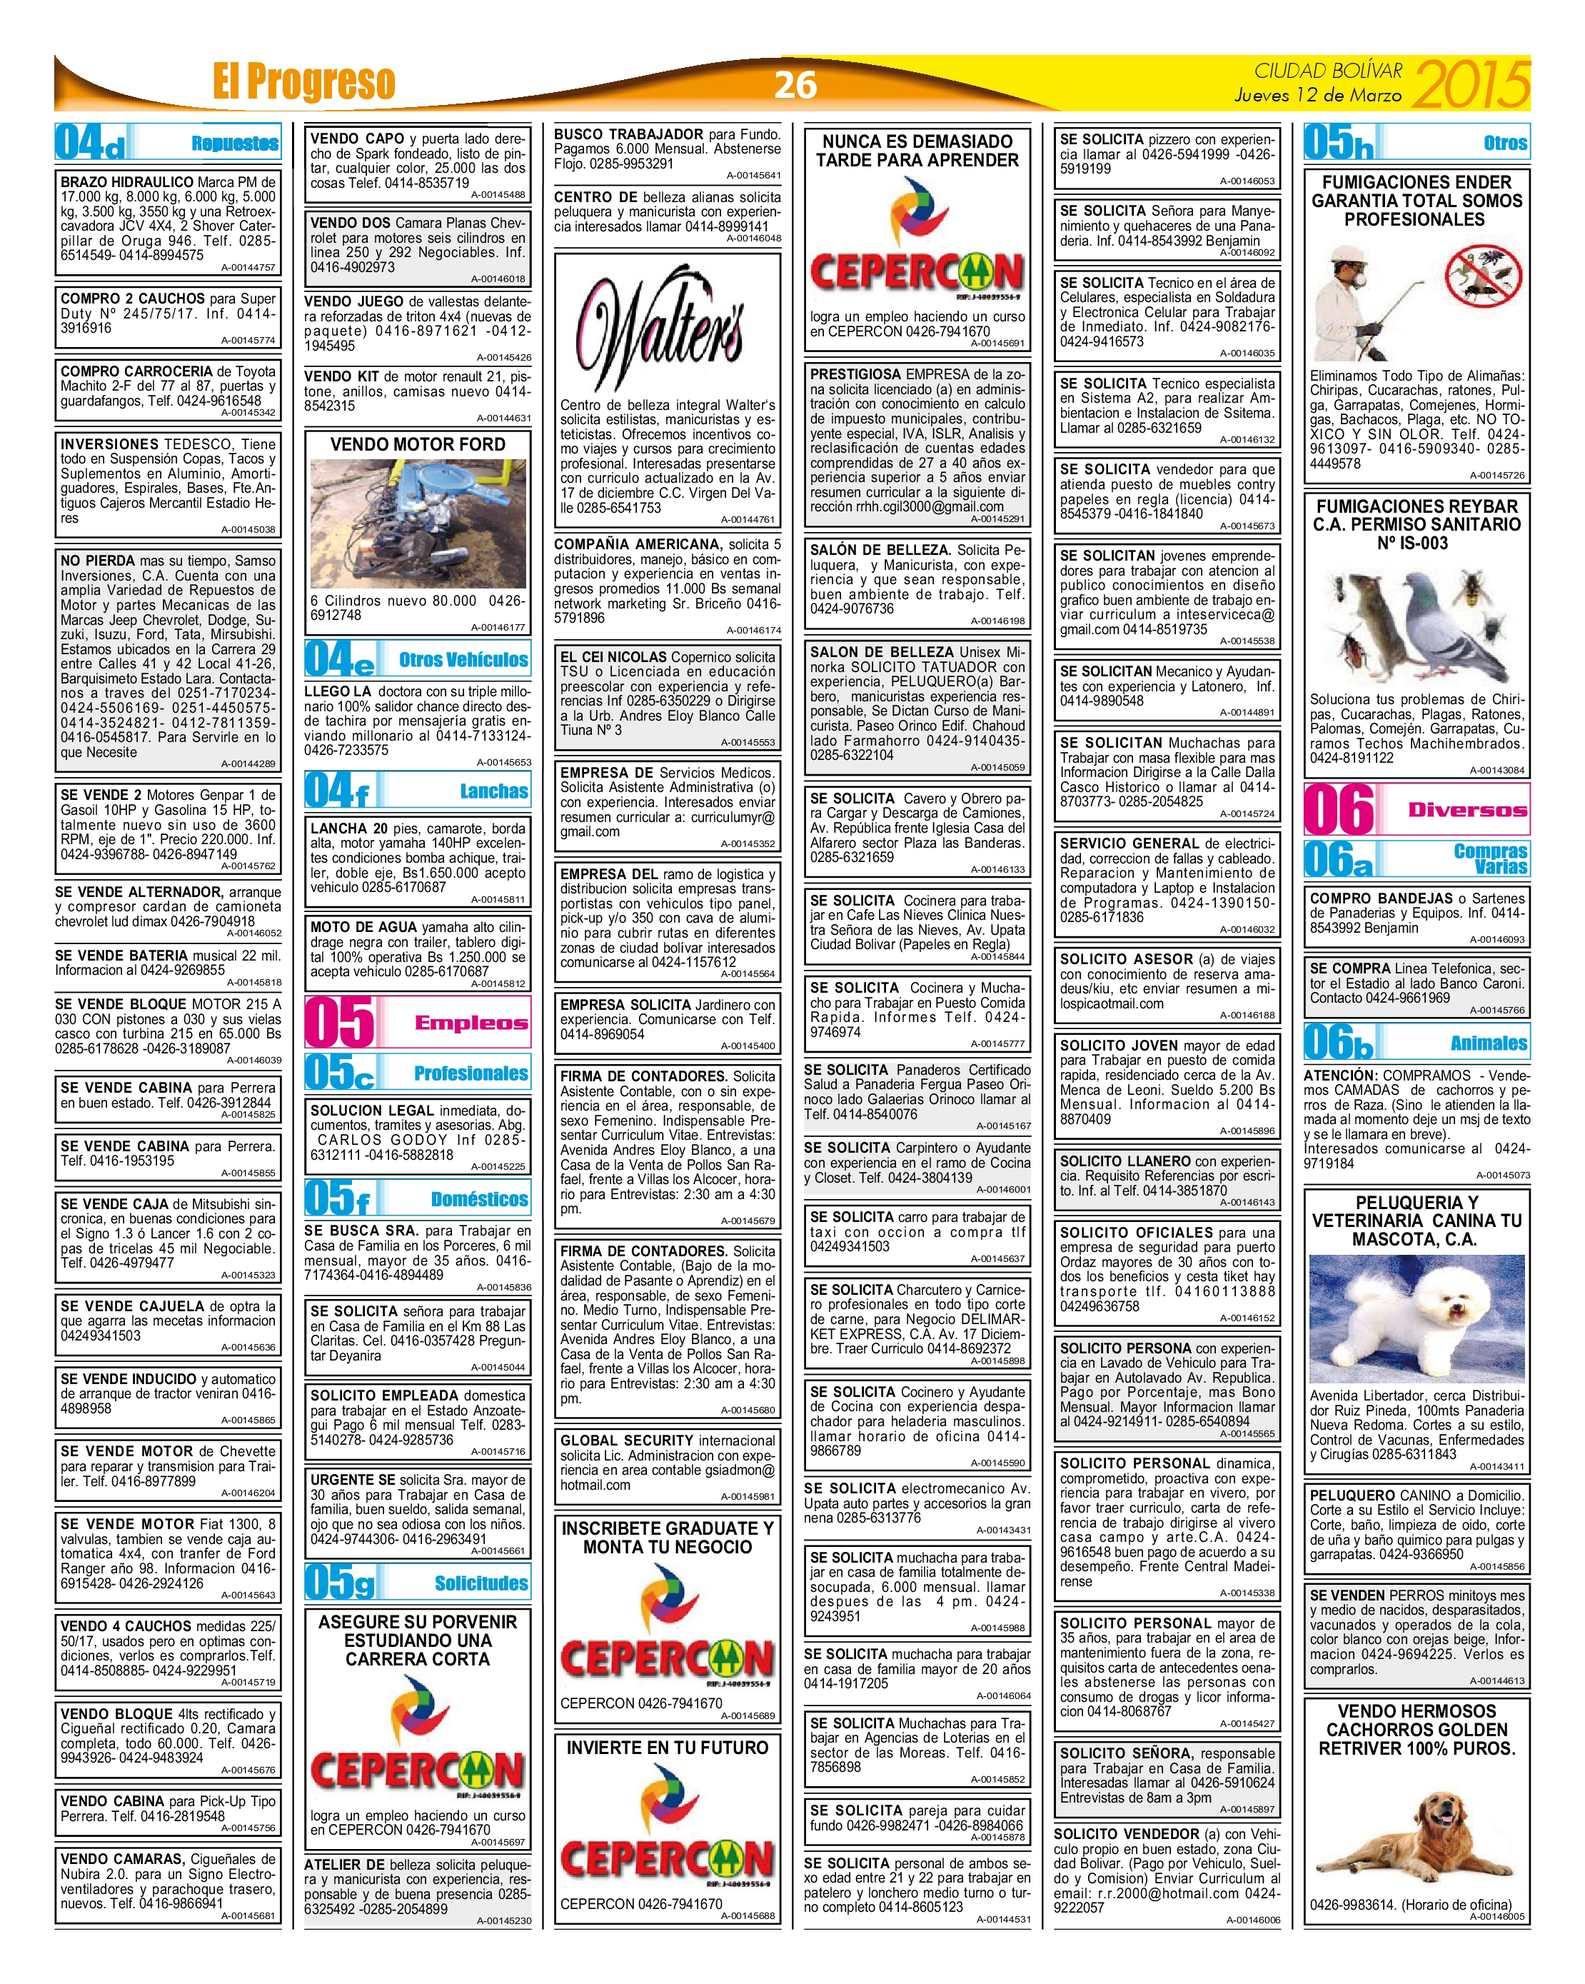 Diarioelprogresoedici Ndigital 12 03 2015 Calameo Downloader # Muebles Veterinarios Corsa